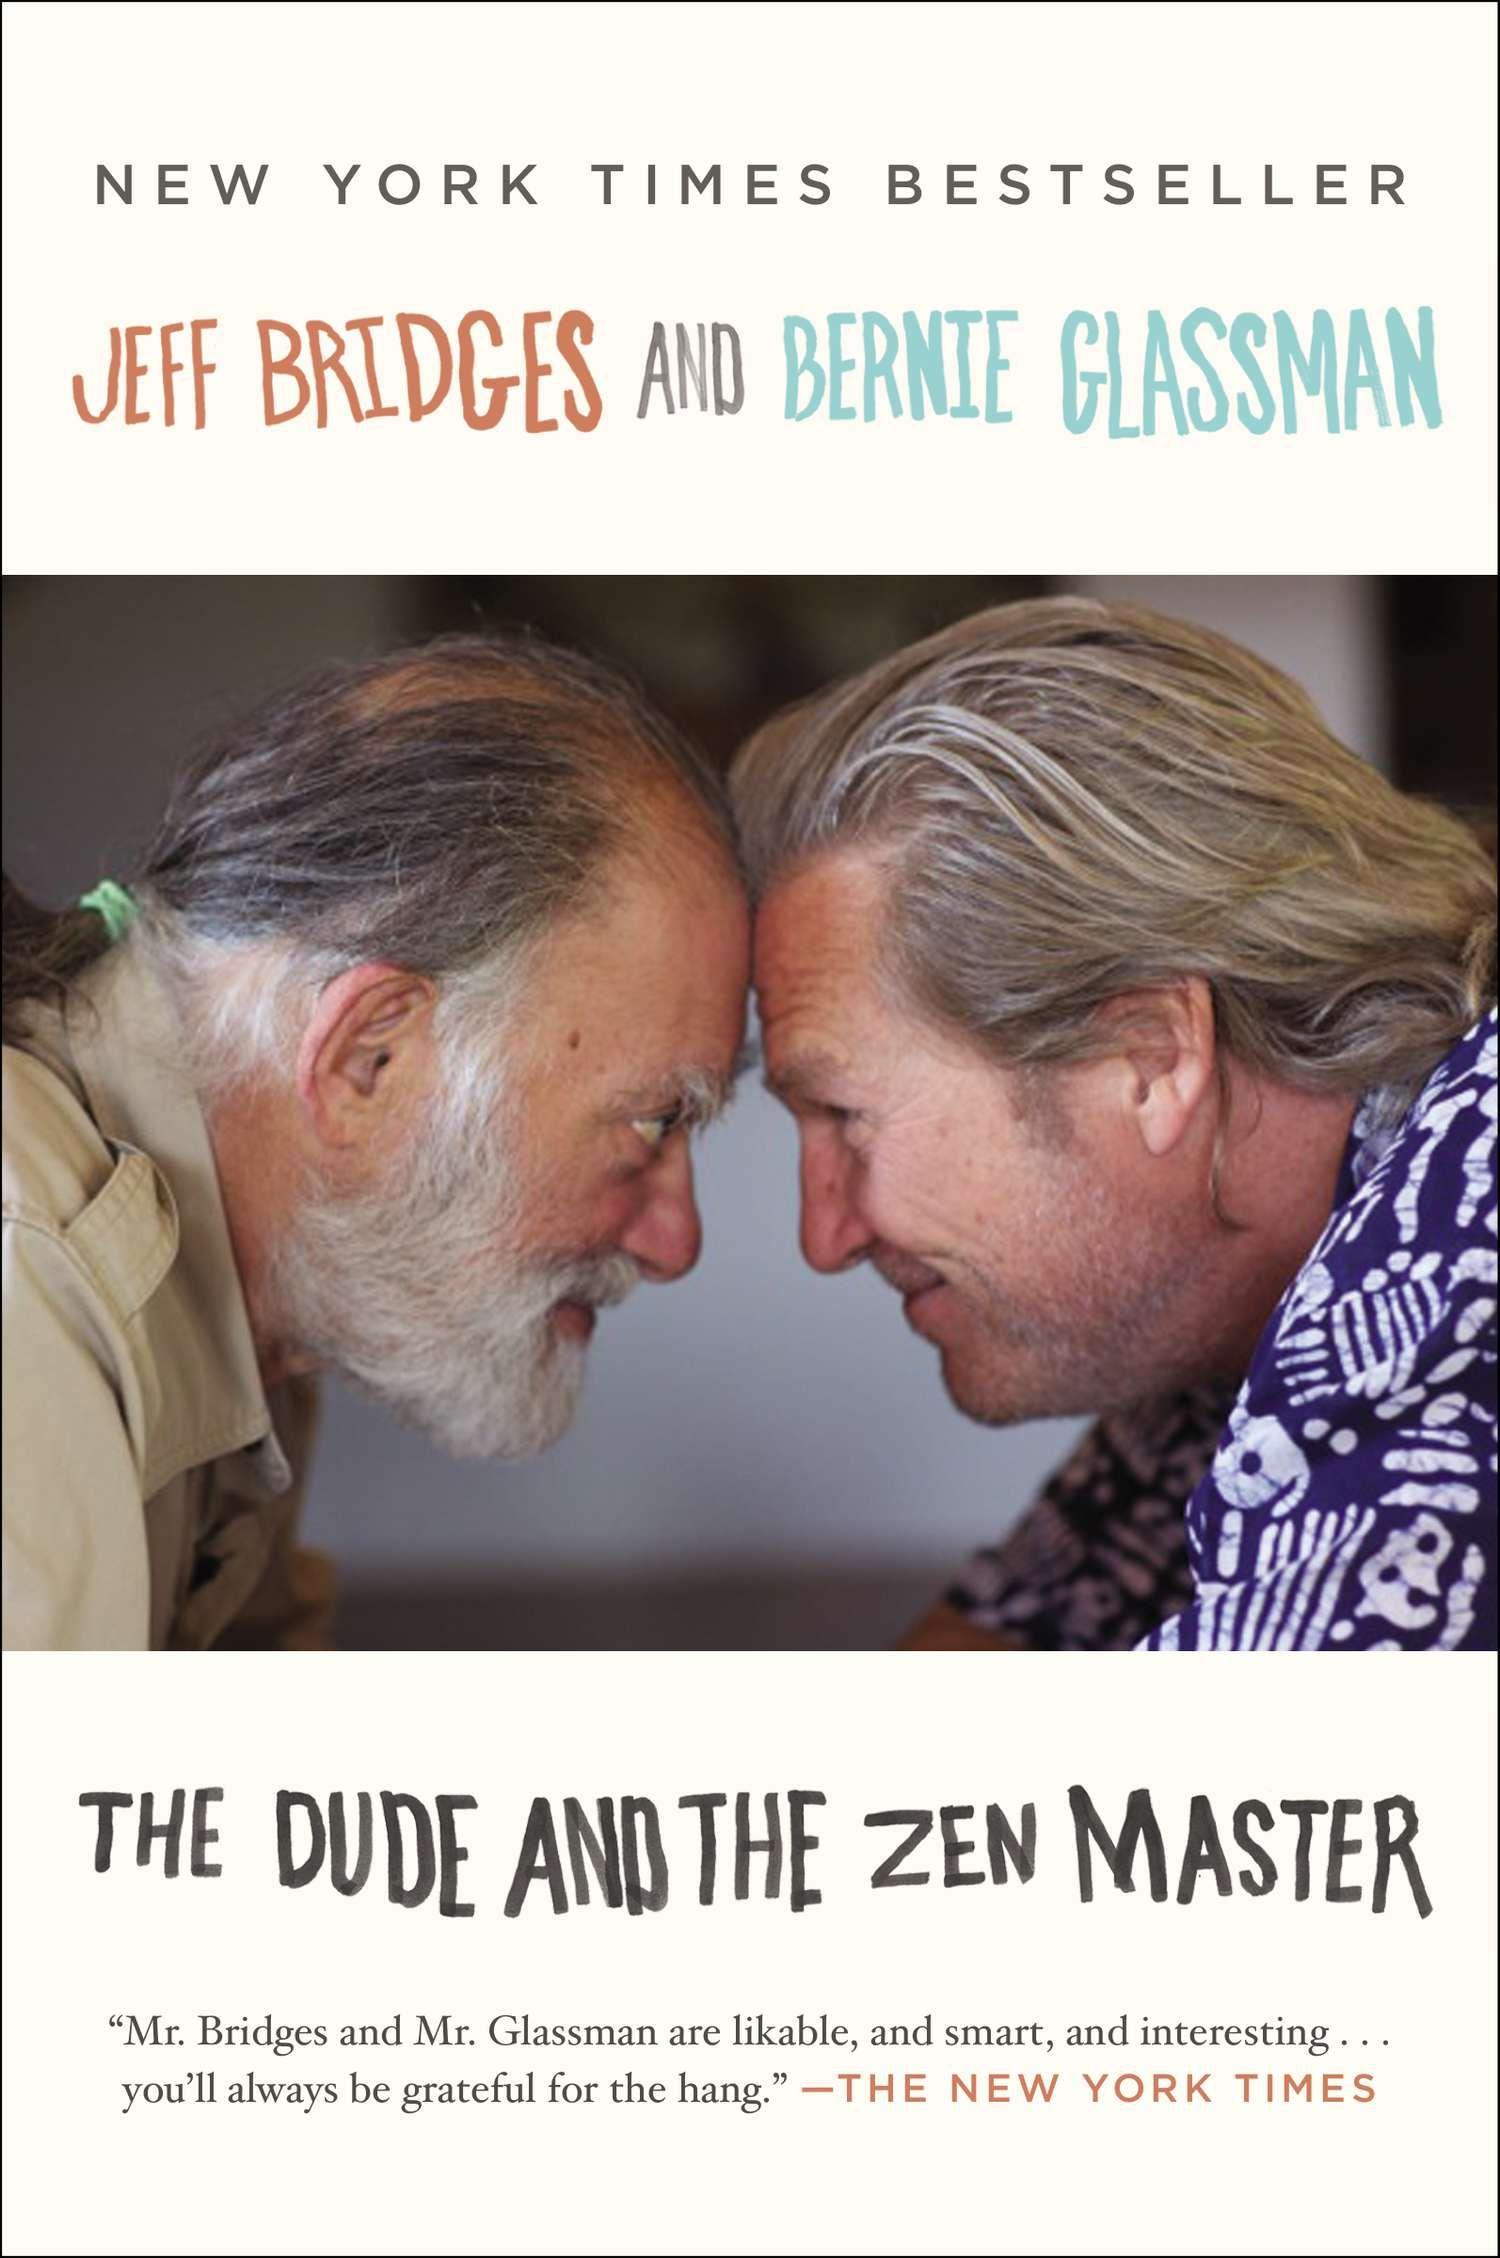 The Dude And The Zen Master By Jeff Bridges Bernie Glassman 9780142180525 Penguinrandomhouse Com Books Zen Master Jeff Bridges Zen